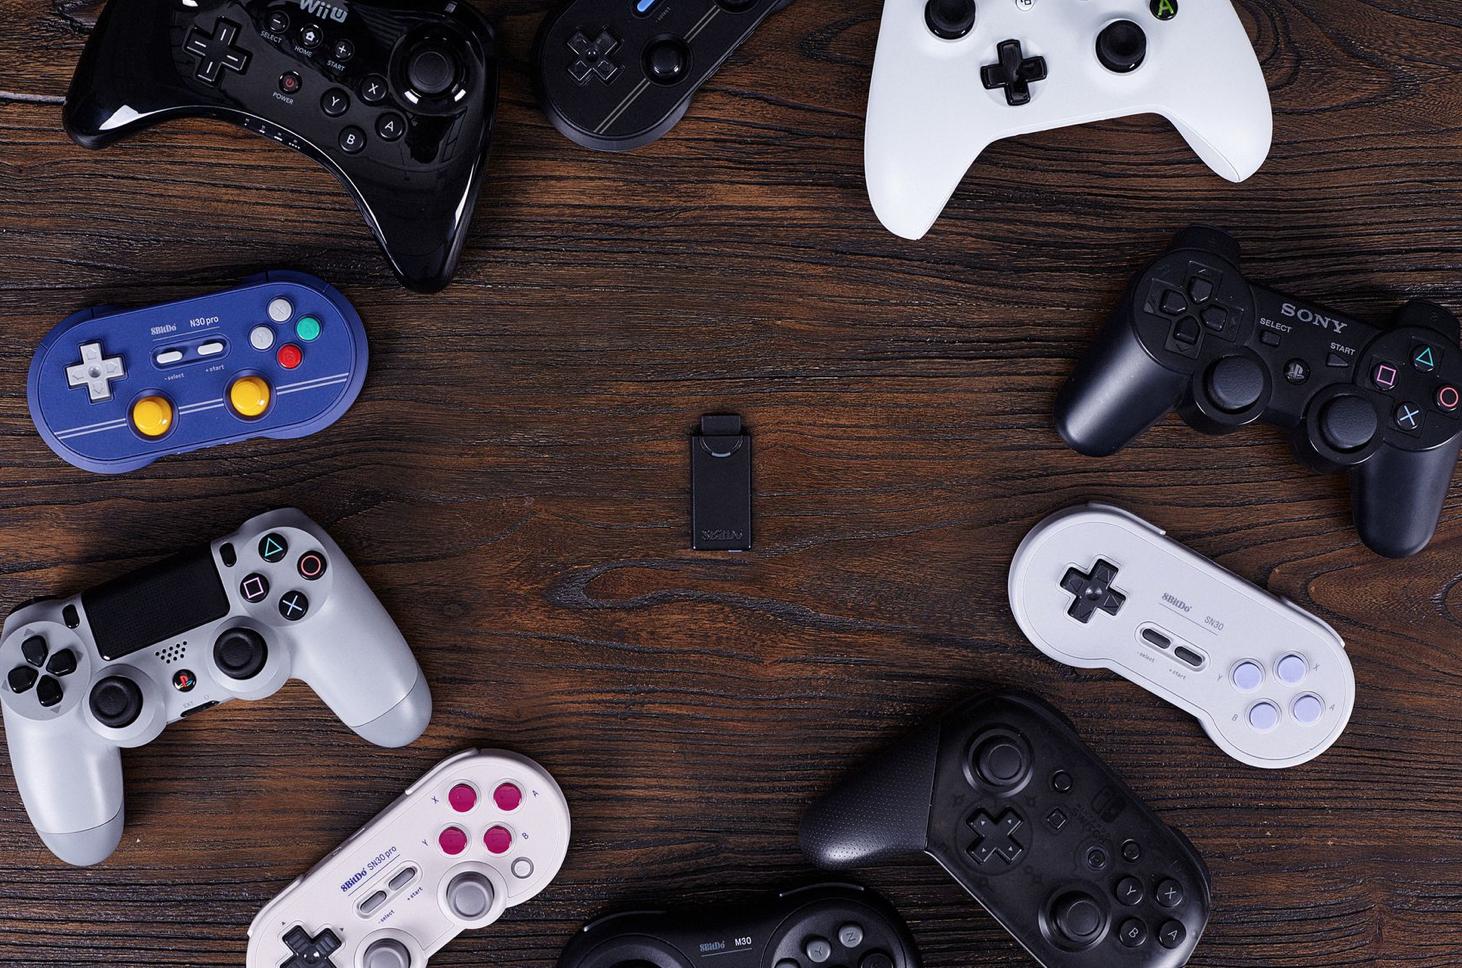 8BitDo sta per lanciare dei controller wireless in stile Sega Genesis 1